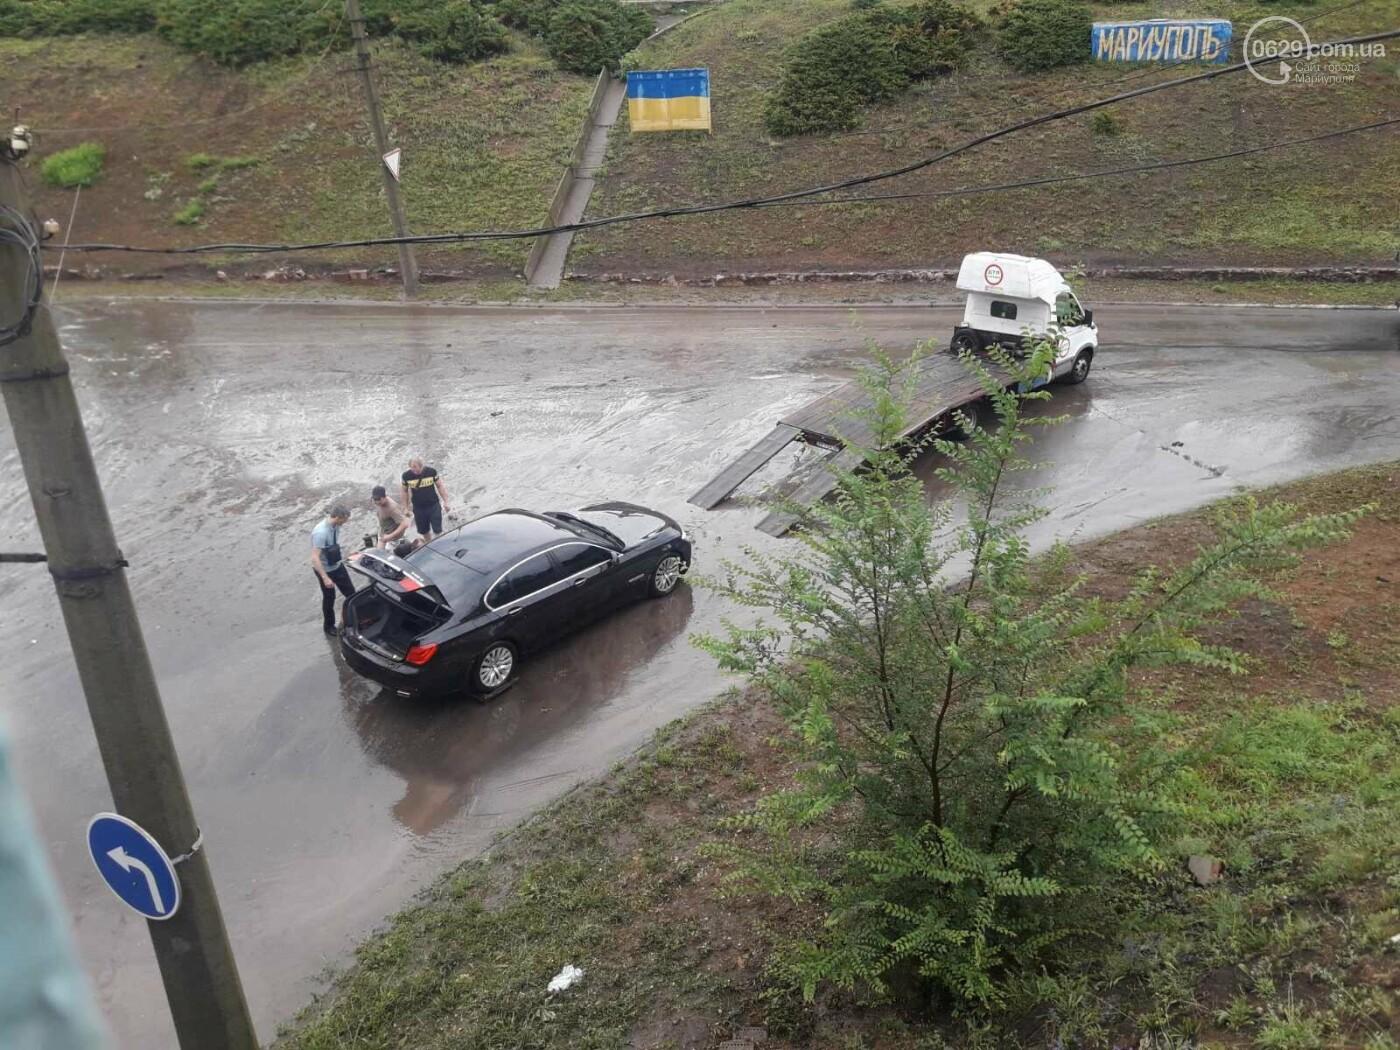 На Мариуполь обрушился ливень: транспорт плыл по дорогам,- ФОТО, фото-11